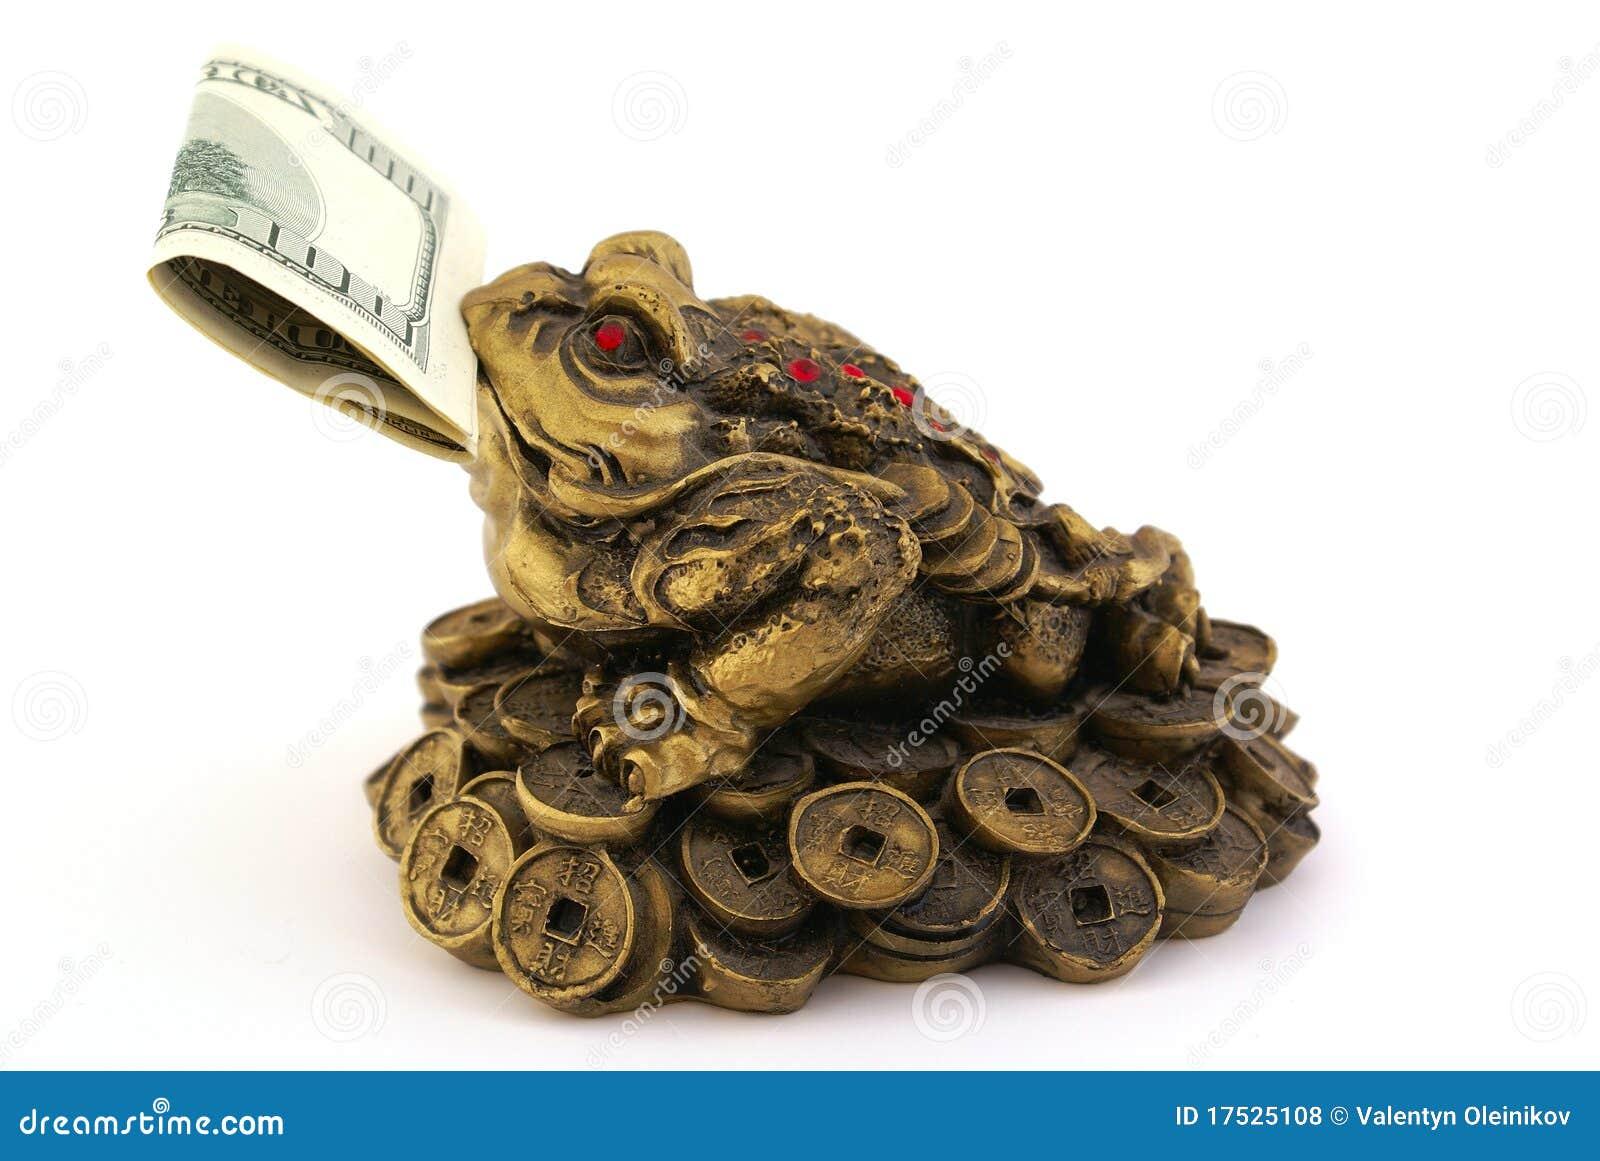 crapaud d 39 argent de feng shui avec cents dollars photos libres de droits image 17525108. Black Bedroom Furniture Sets. Home Design Ideas